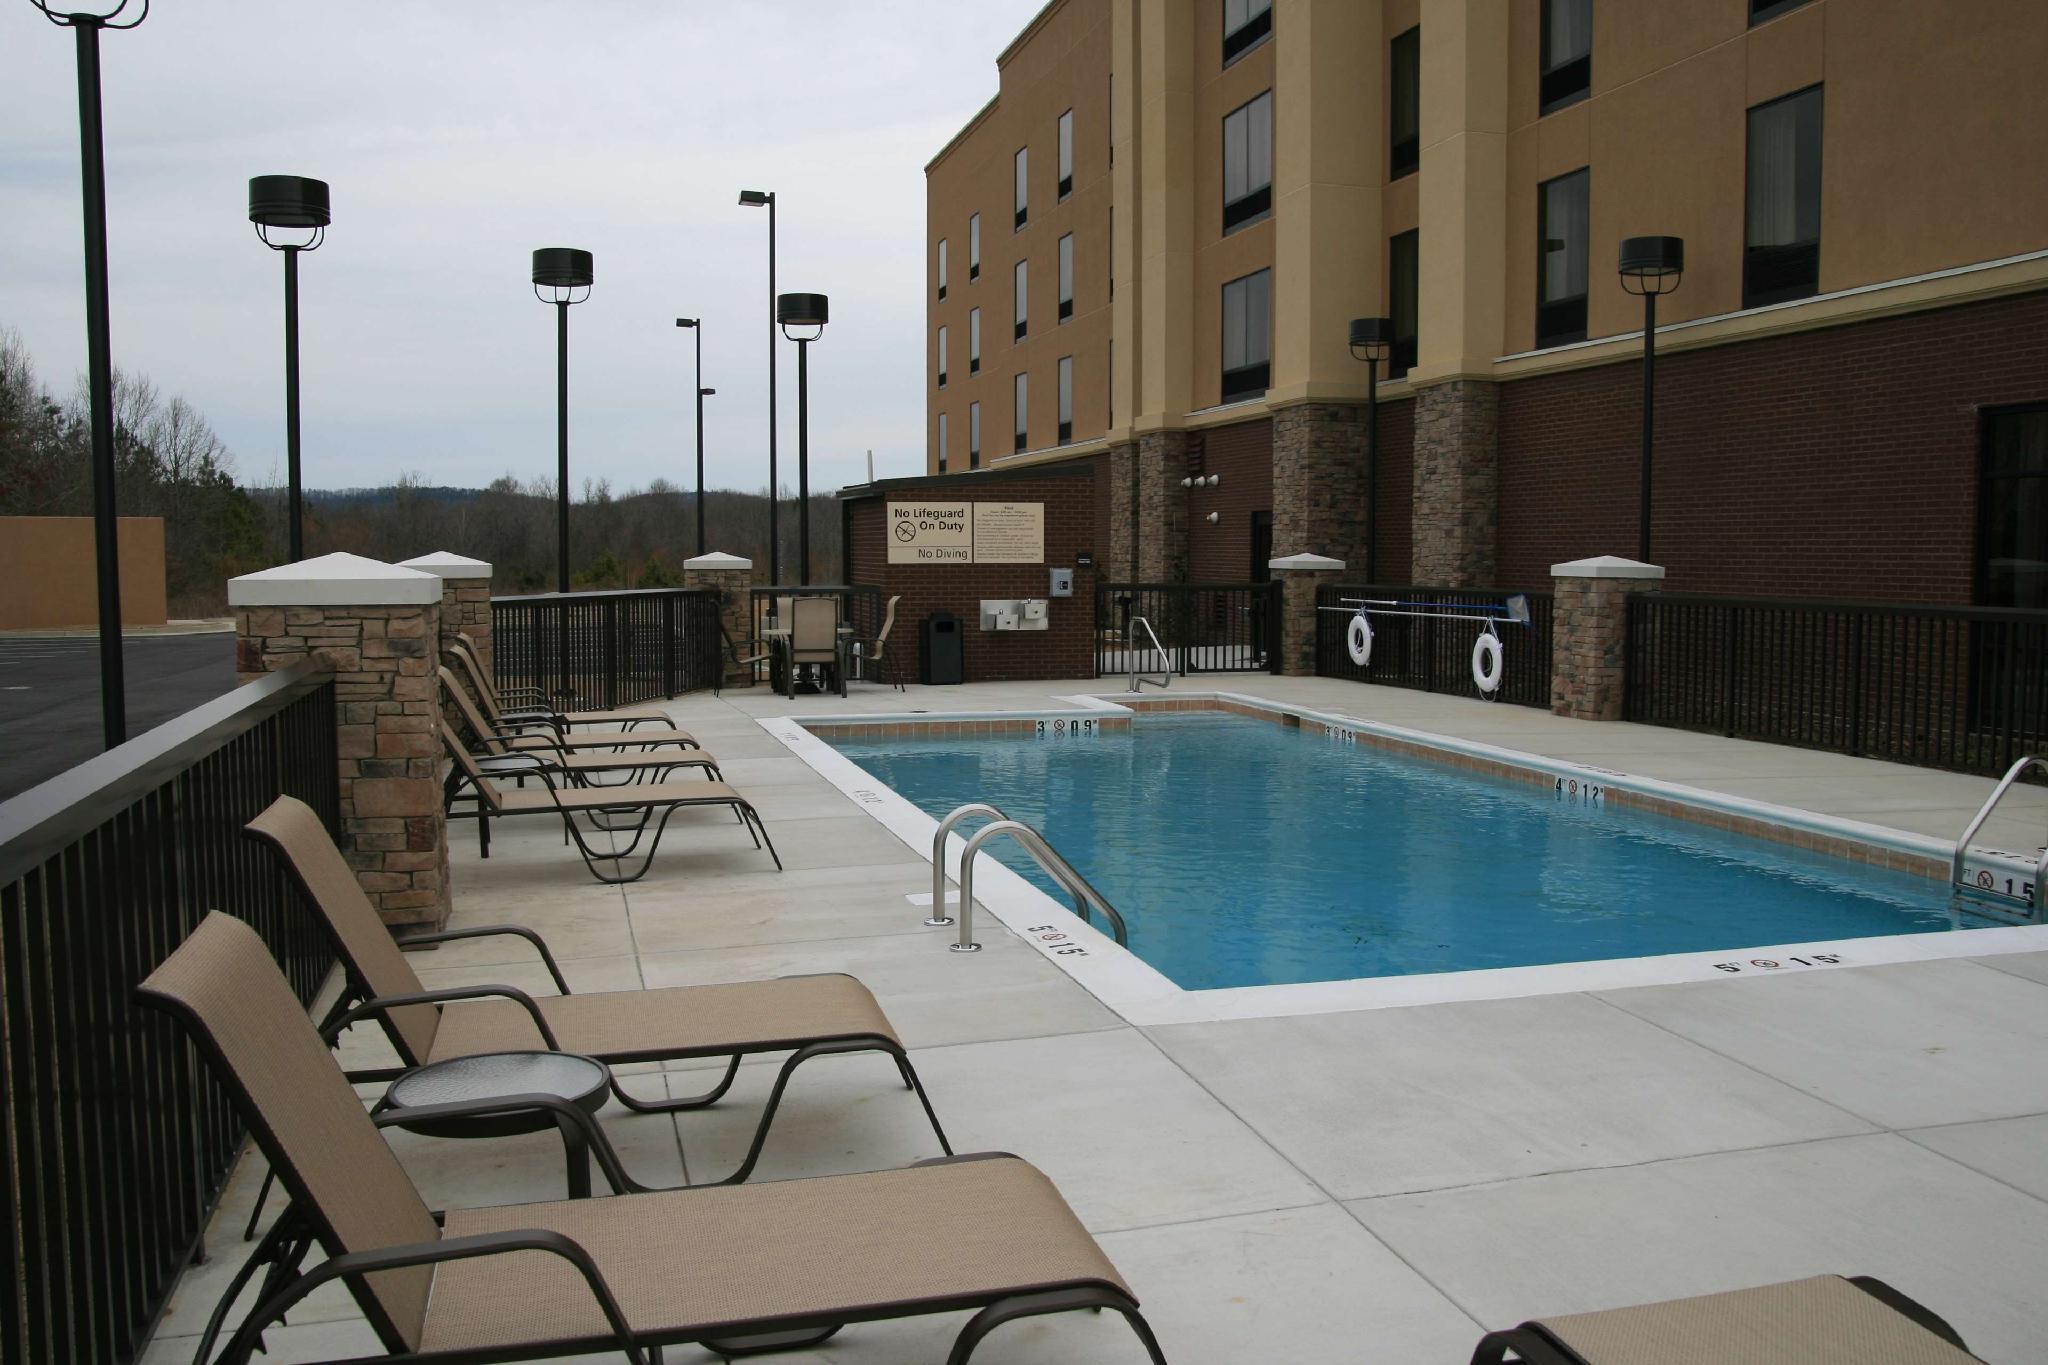 Hampton Inn And Suites Gadsden West Attala I 59